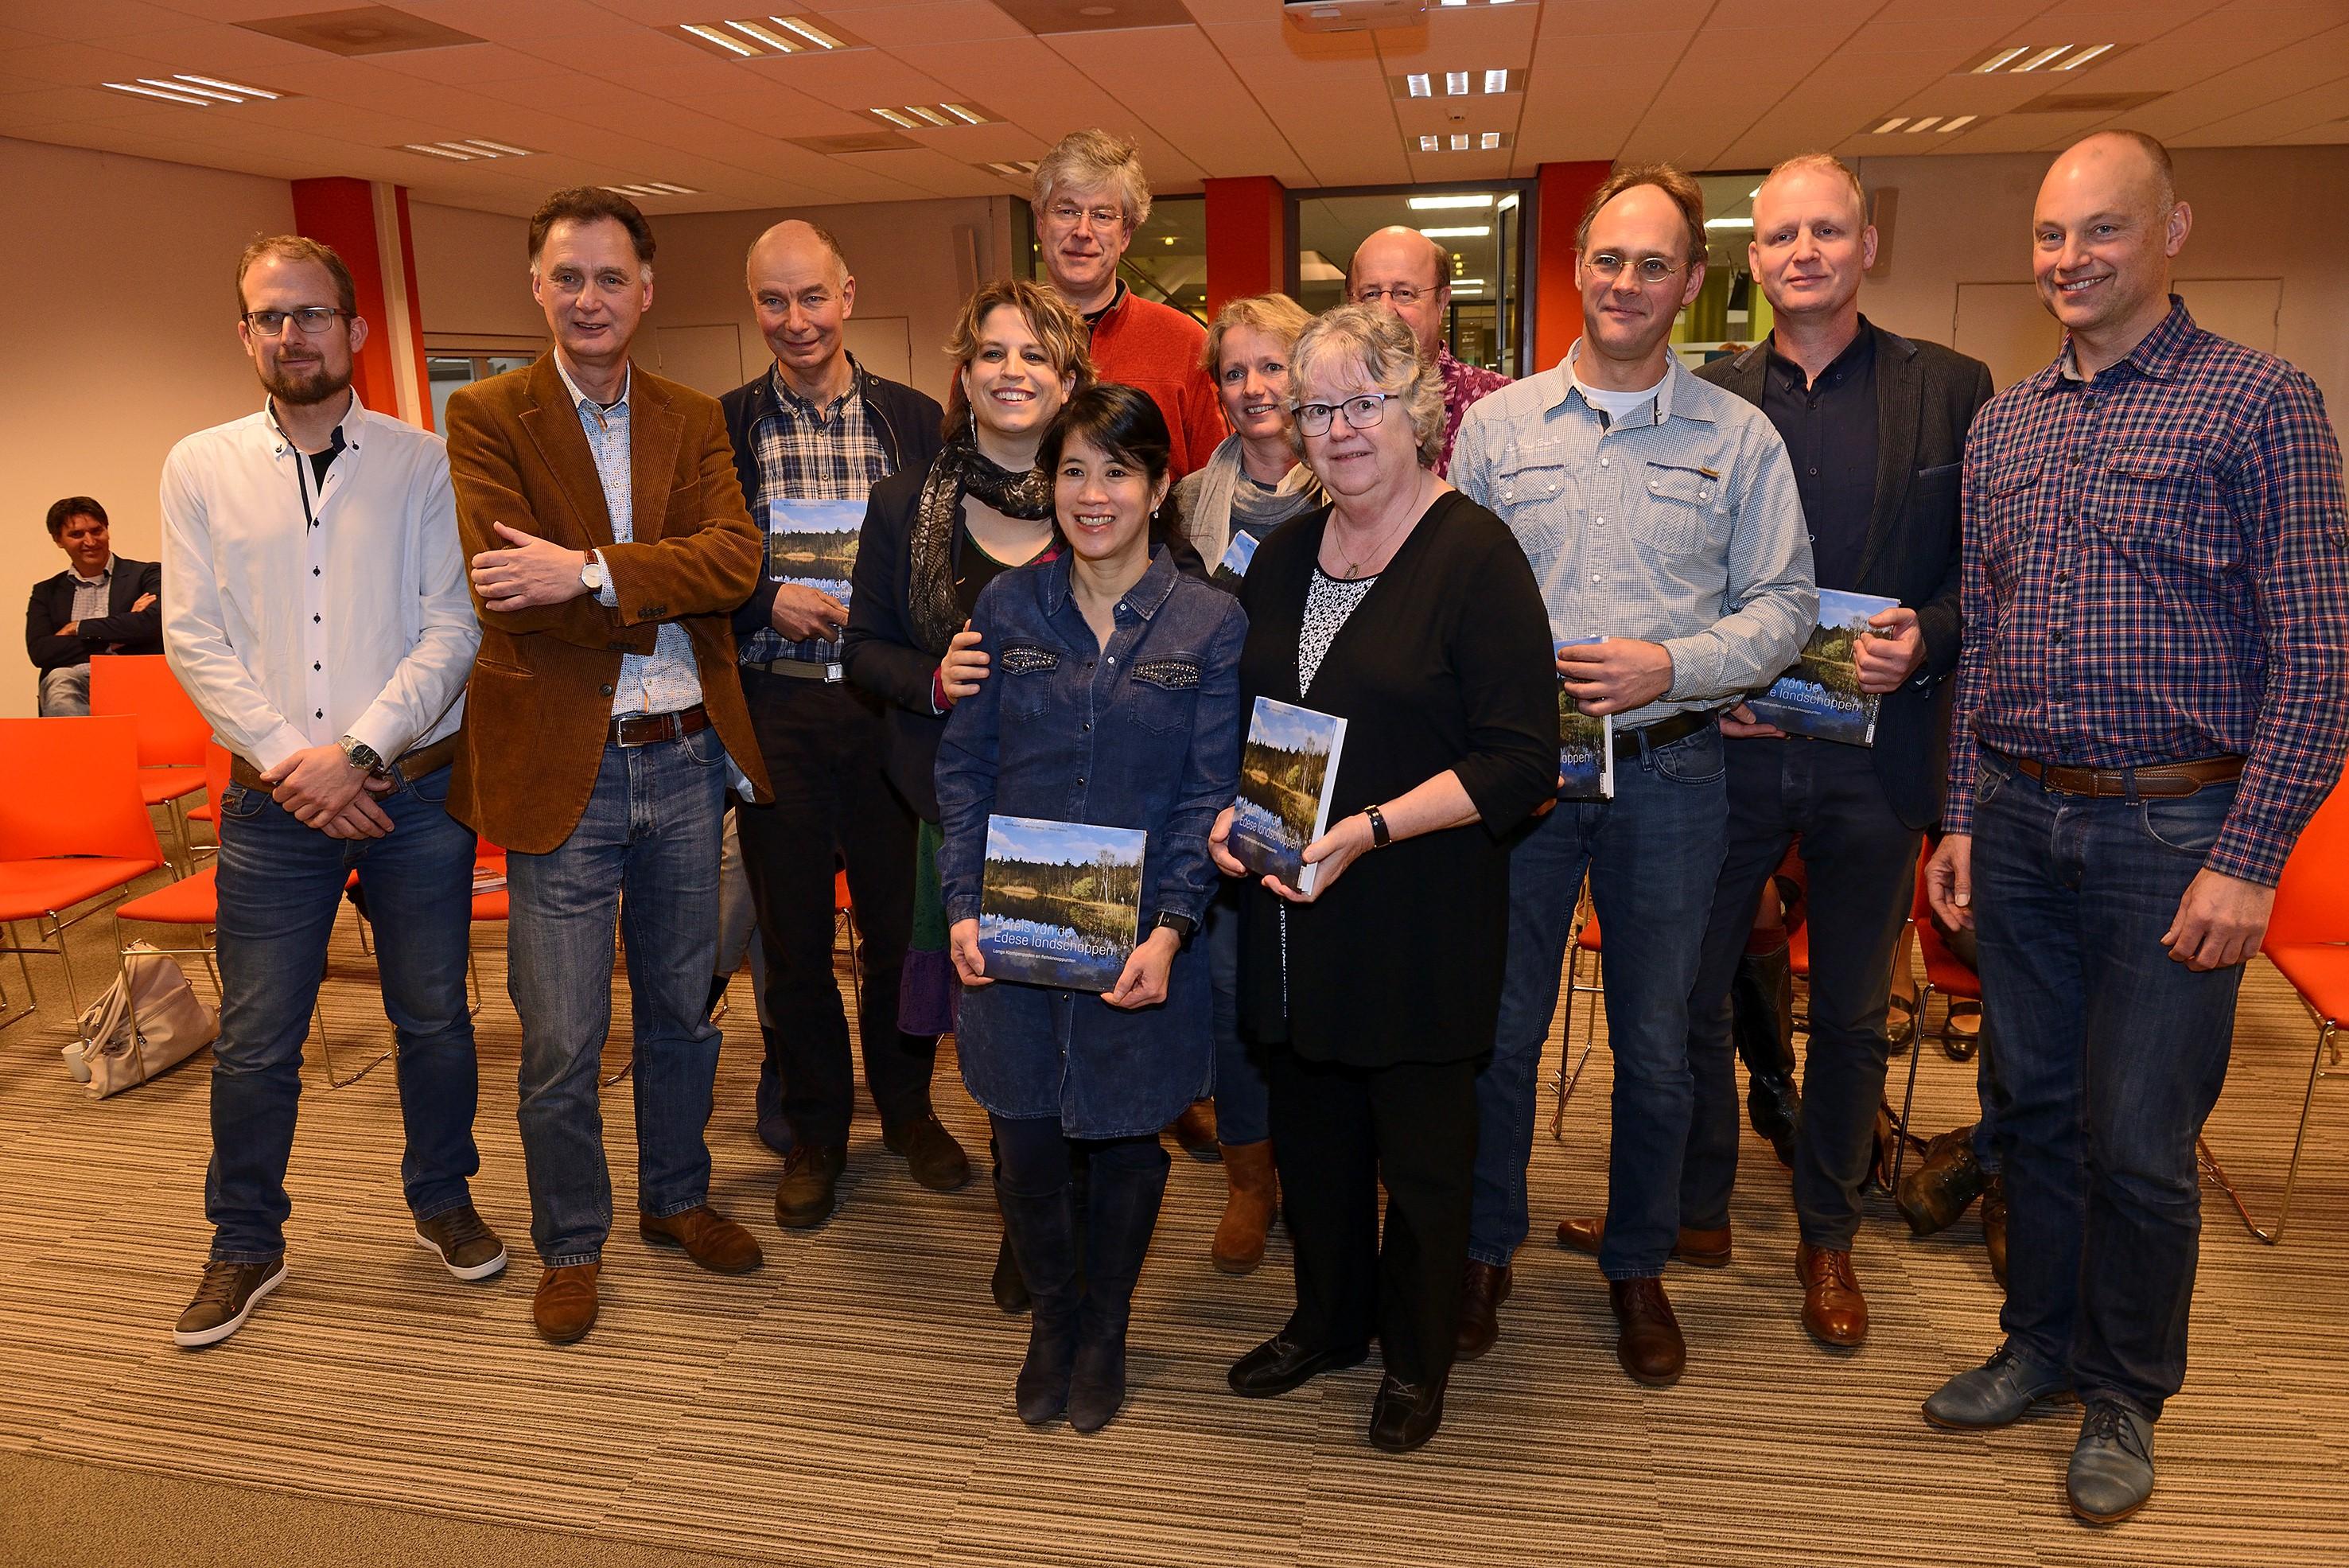 Met Willemien Vreugdenhil, familie Idema, Arjan Vriend en geïnterviewden tijdens de presentatie op 2 december.